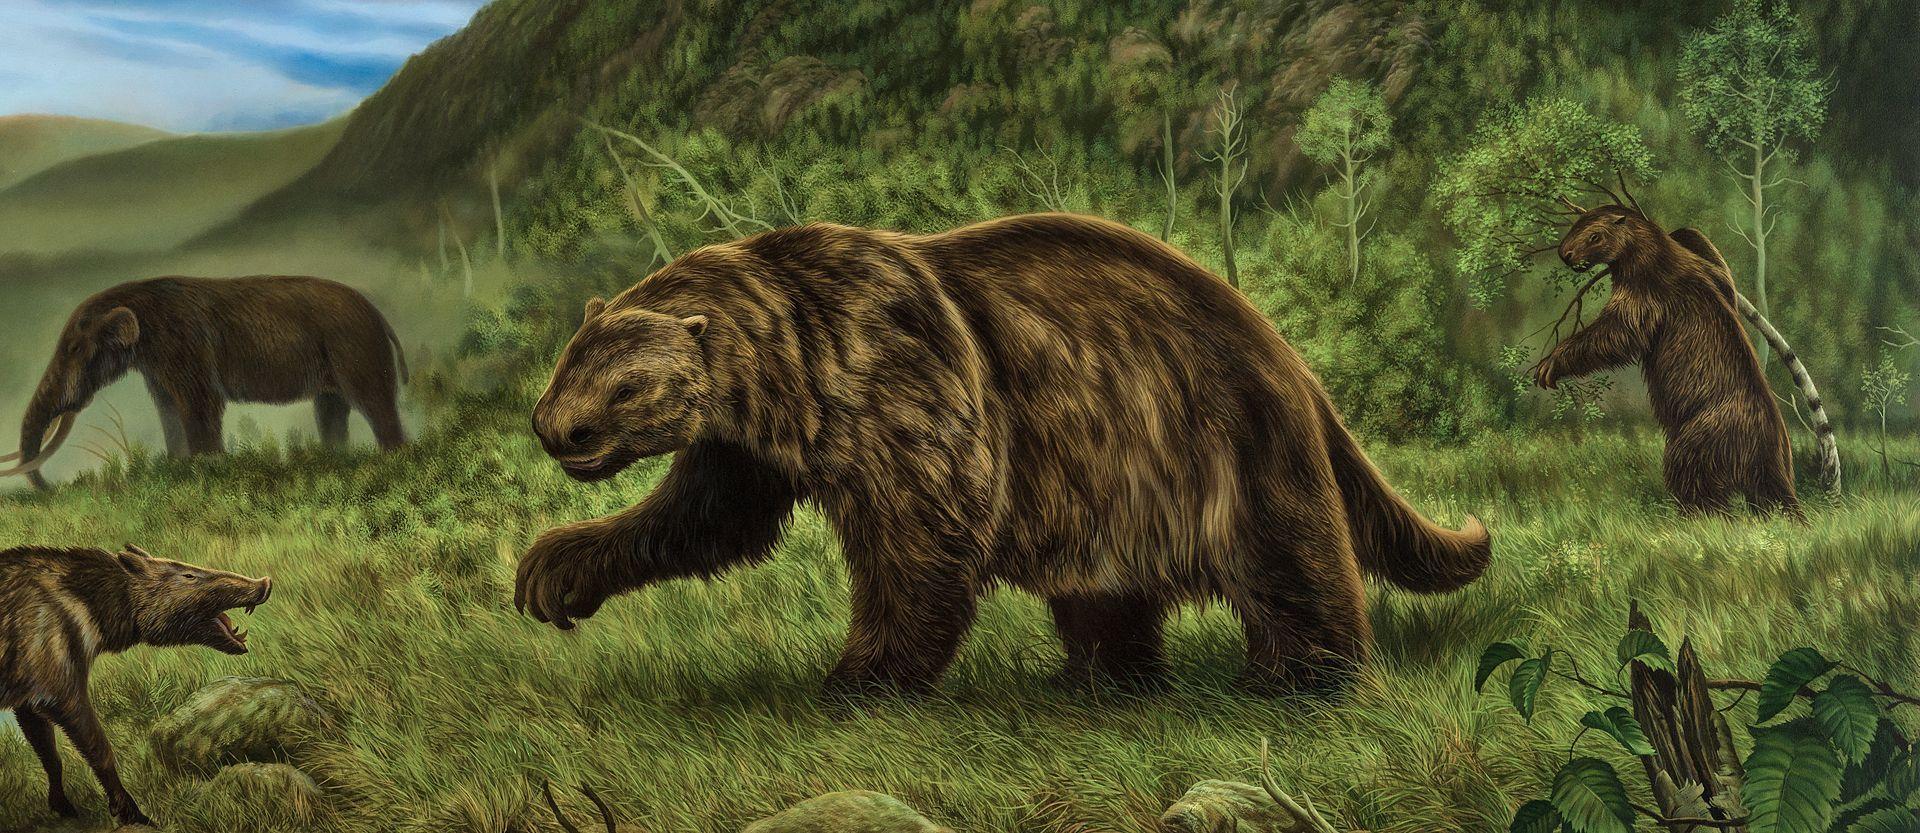 Кости гигантских ленивцев могут пролить свет на историю заселения Америки